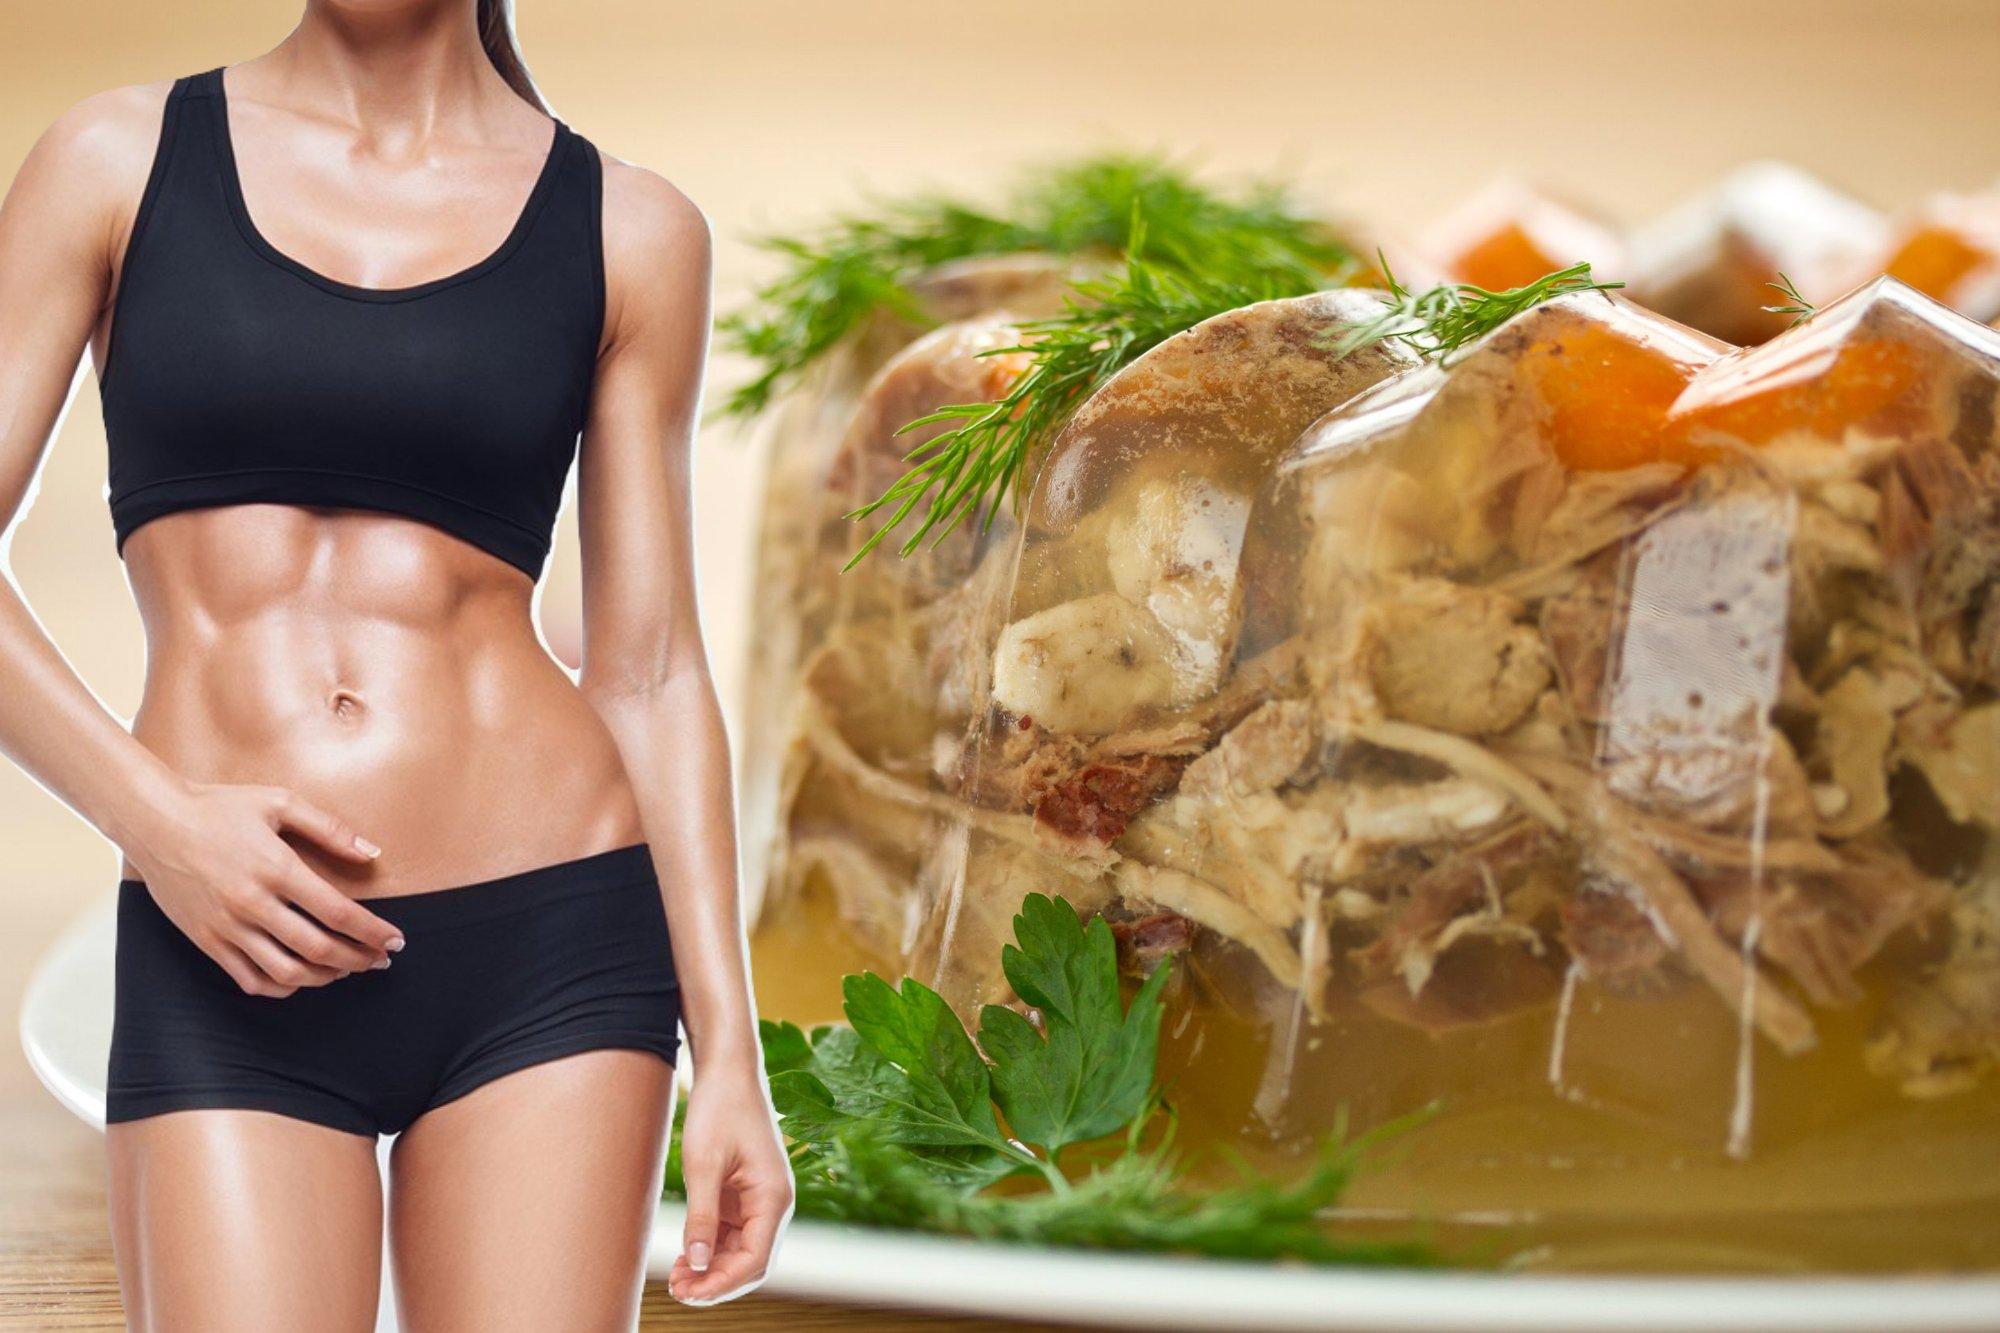 Диета 10 Дней 10 Килограмм. Диета на 10 дней – три лучших способа для похудения